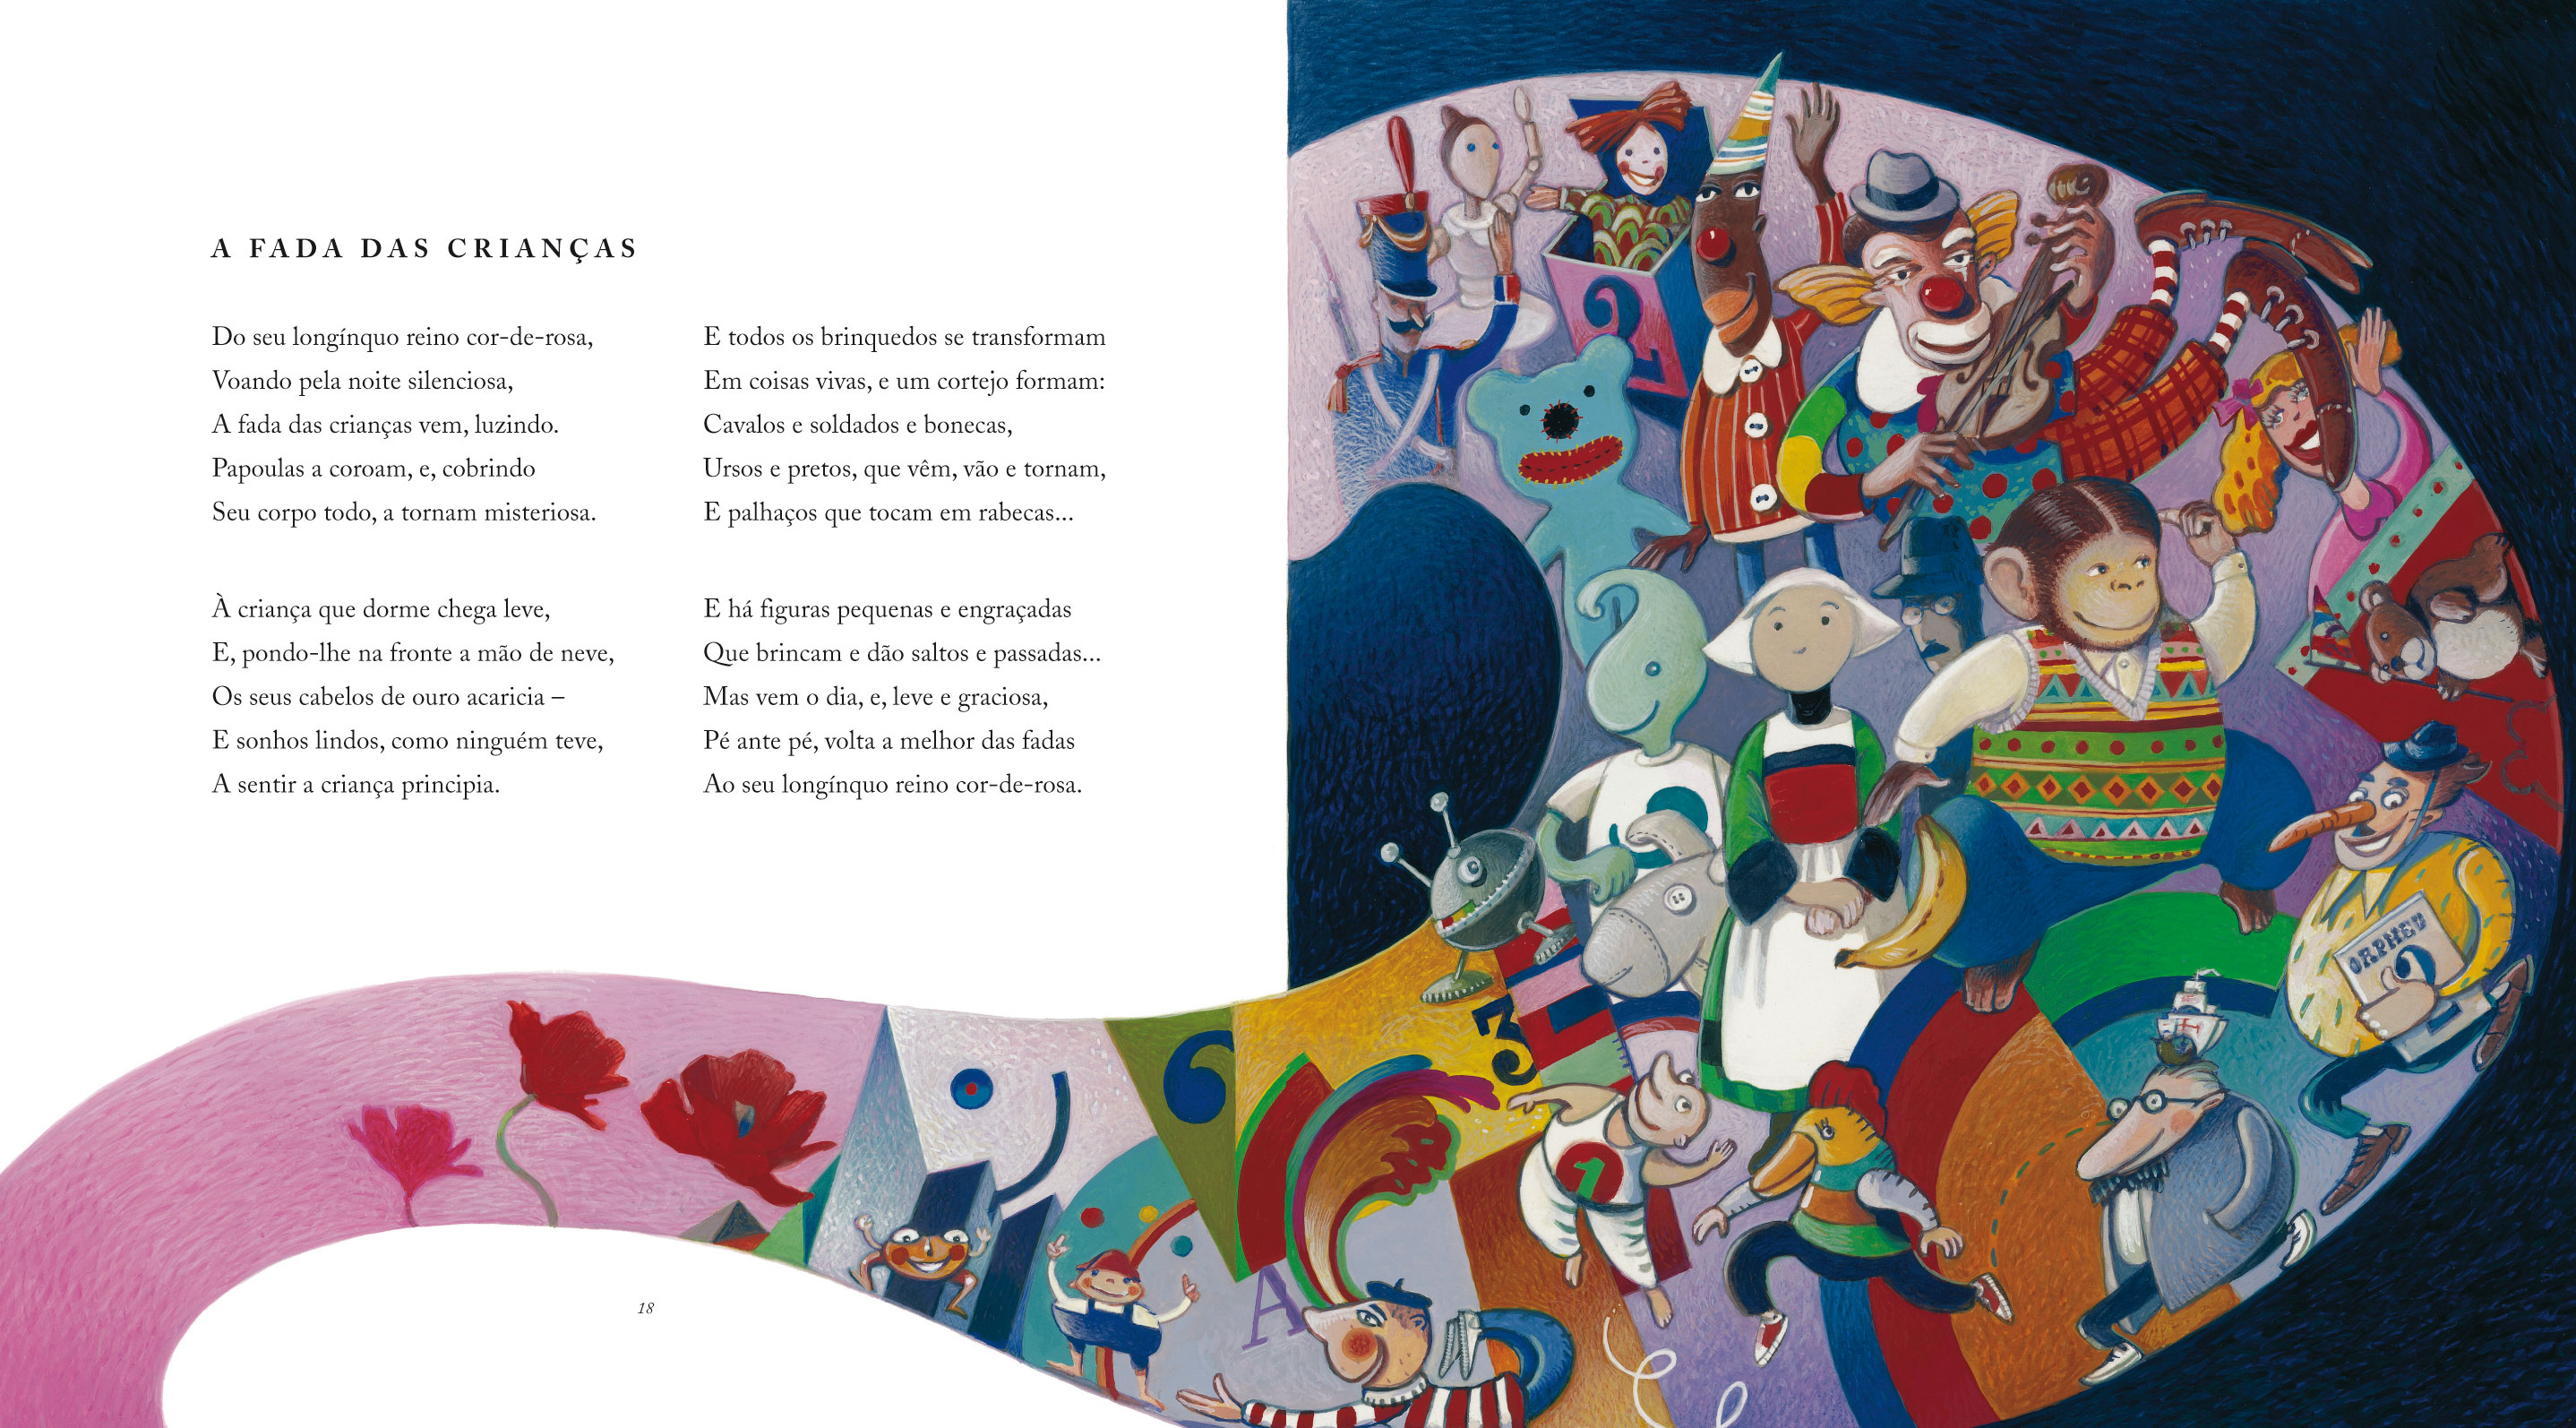 http   www.casadaleitura.org portalbeta bo outros materiais 002481 m poesia fernando pessoa todos.jpg 5e78ec6009